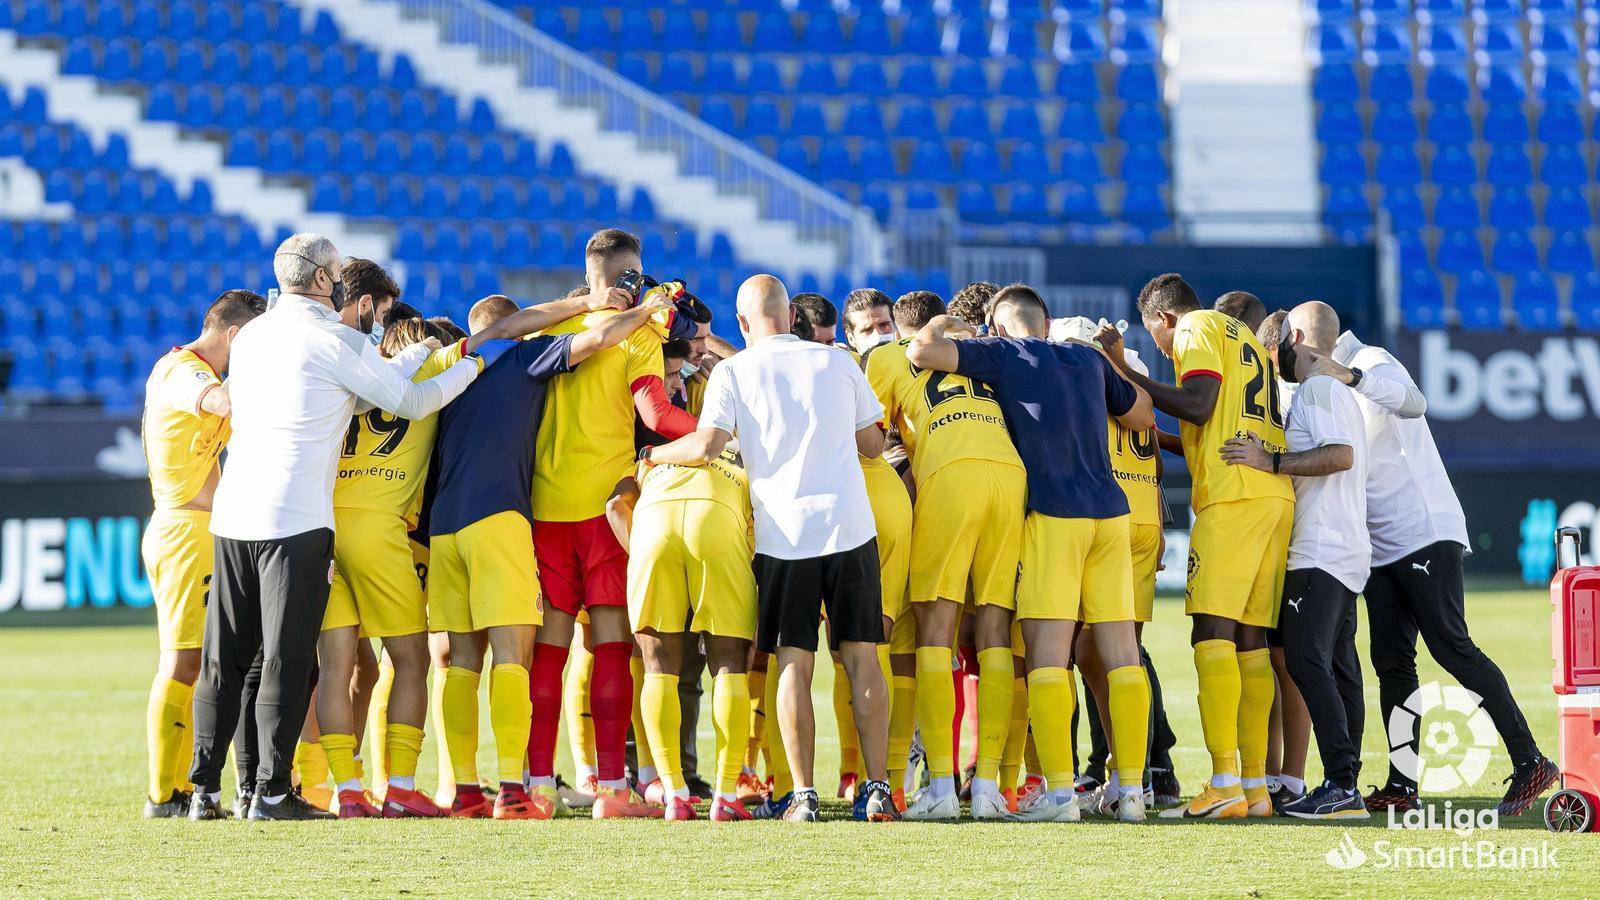 Els jugadors del Girona, celebrant una victòria